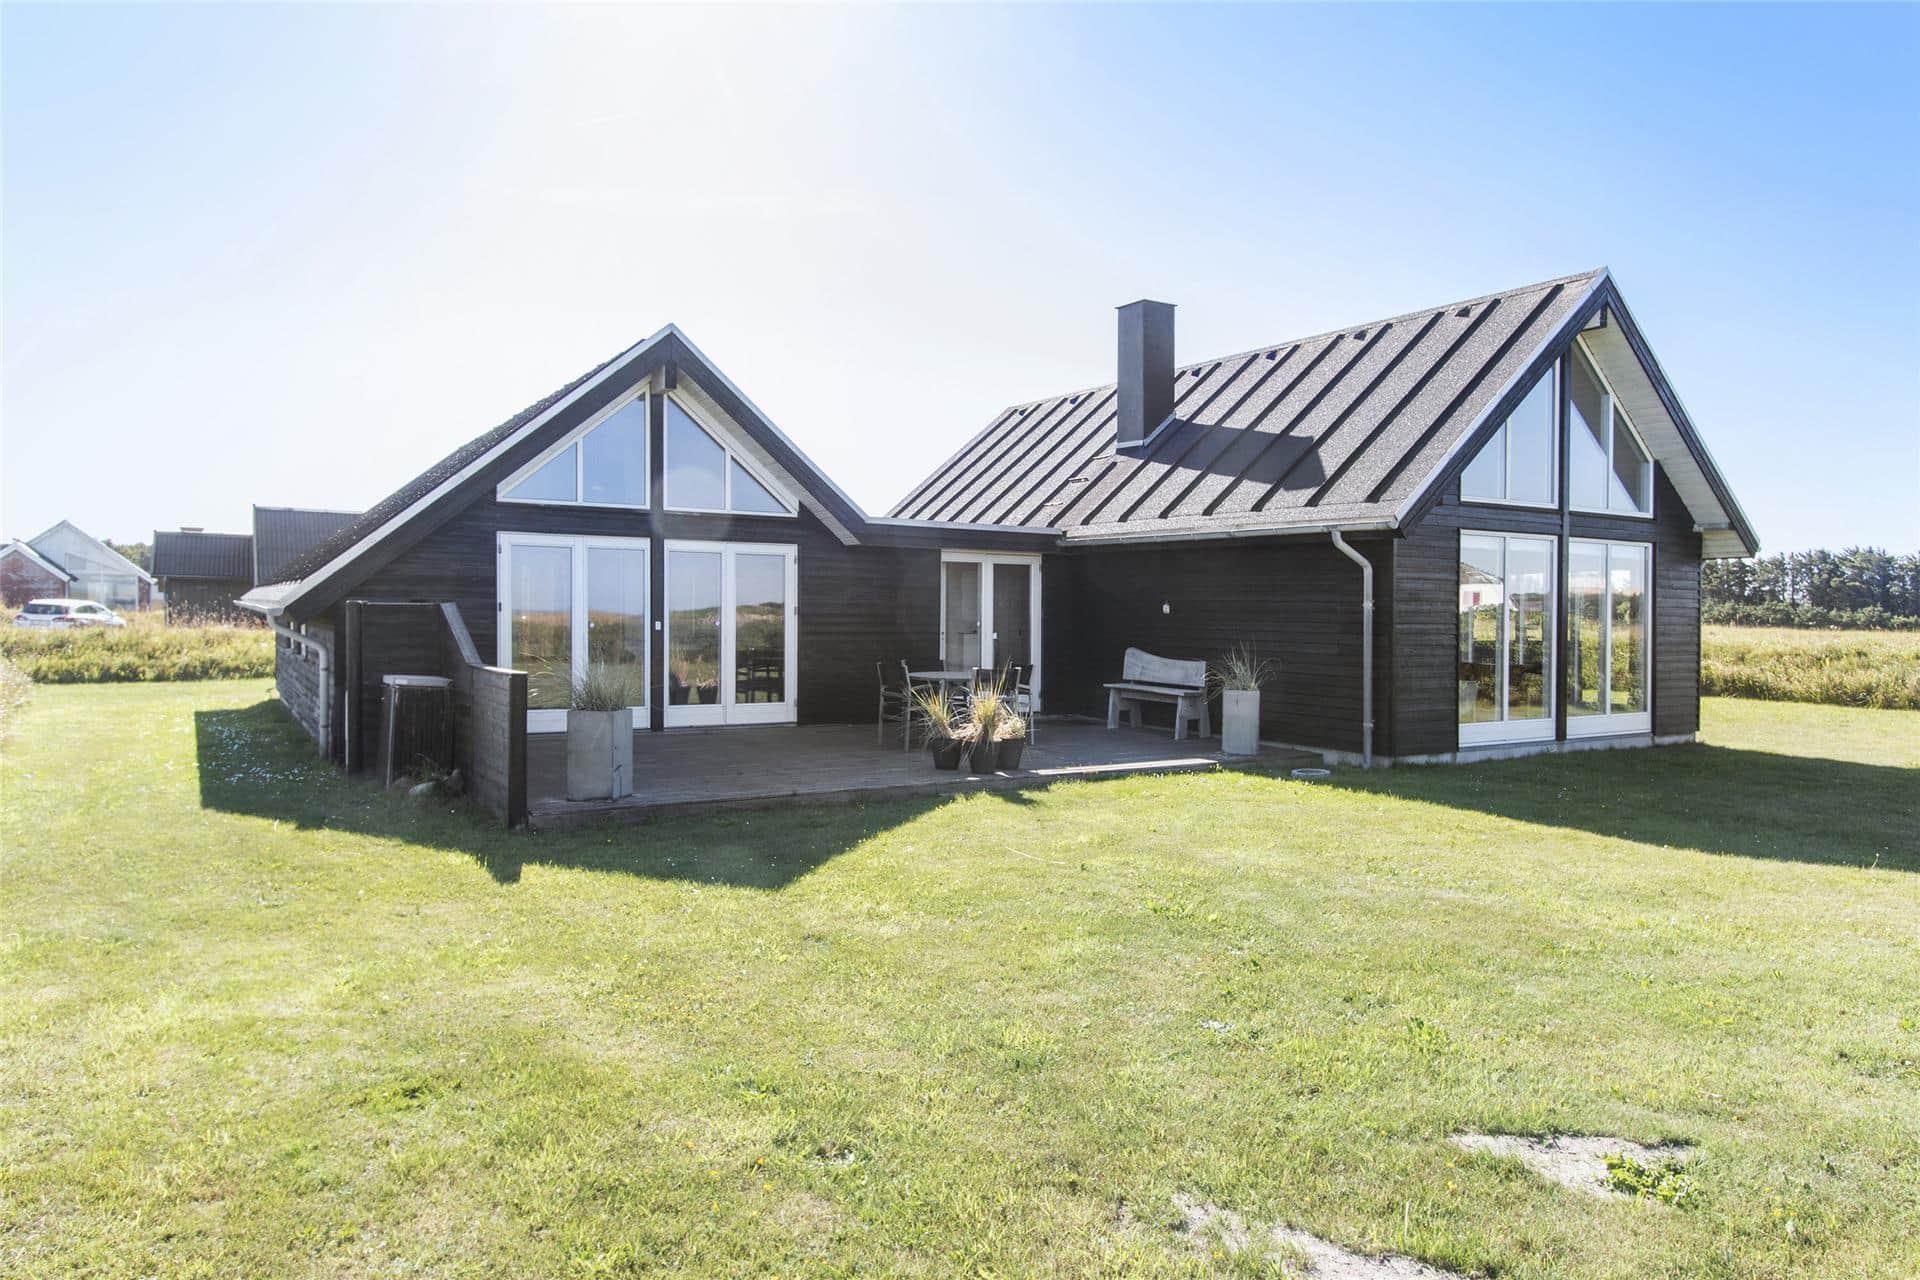 Billede 1-14 Sommerhus 76396, Draget 7, DK - 9800 Hjørring